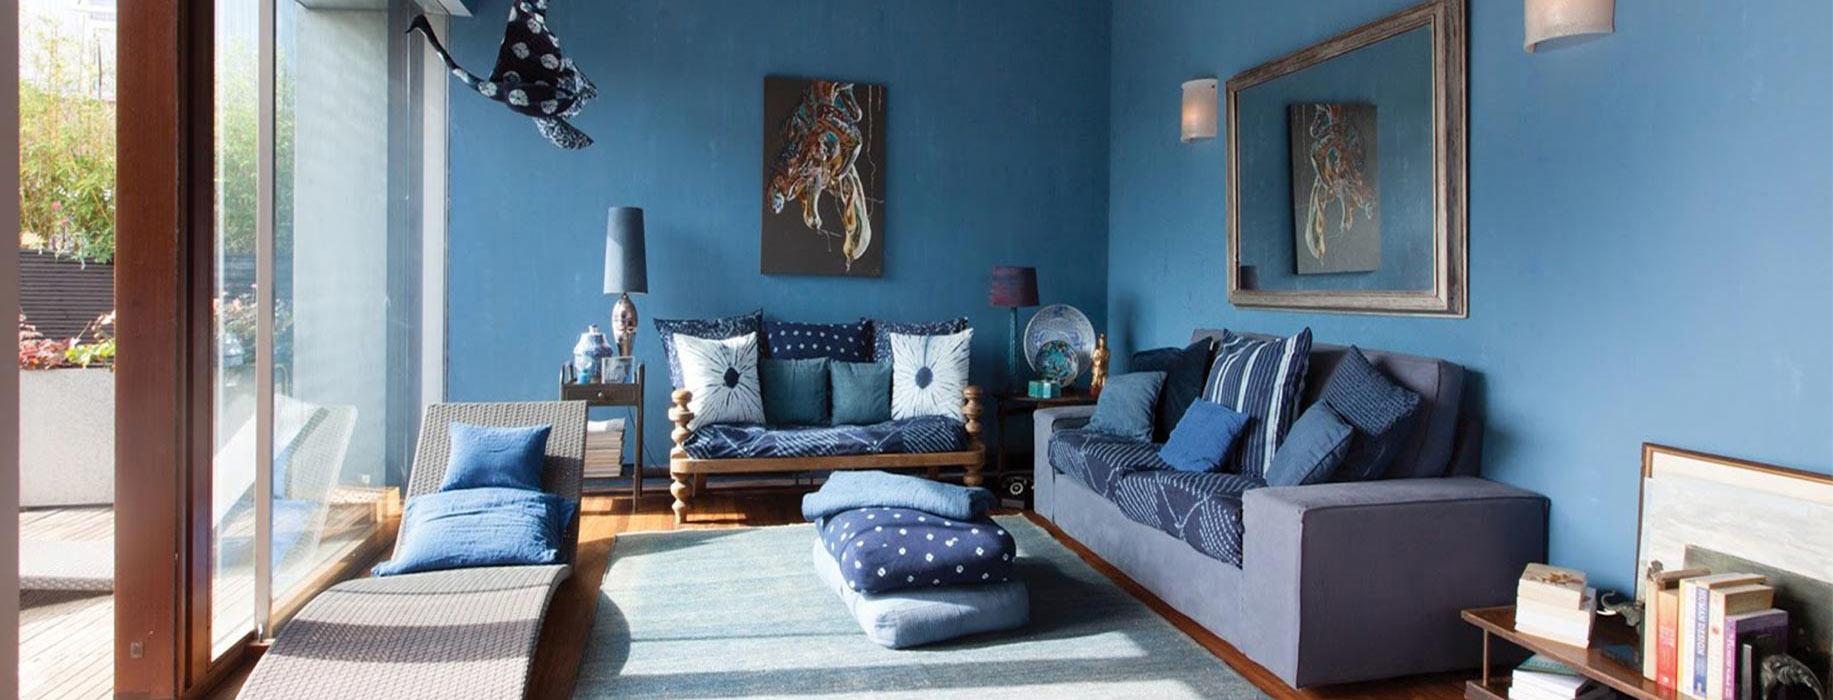 blue room 1 - ویژگی های رنگ در طراحی داخلی و اثرات روانی و فیزیولوژیکی آنها